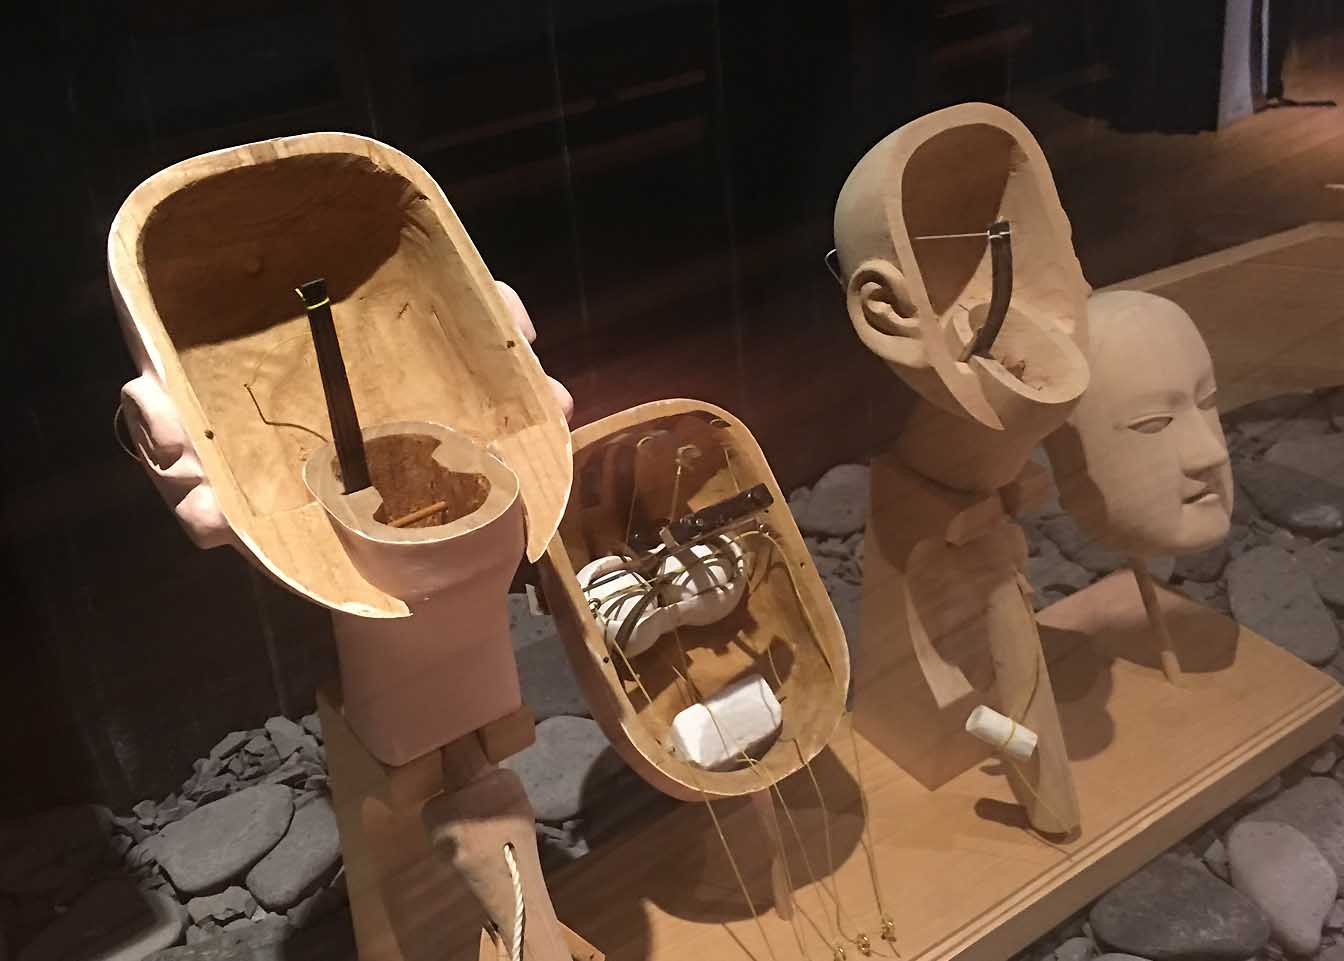 かしらを分解した模型。顔が彫りあがったところで耳の根元から2つに割り、中をくりぬいて仕掛けが作られています